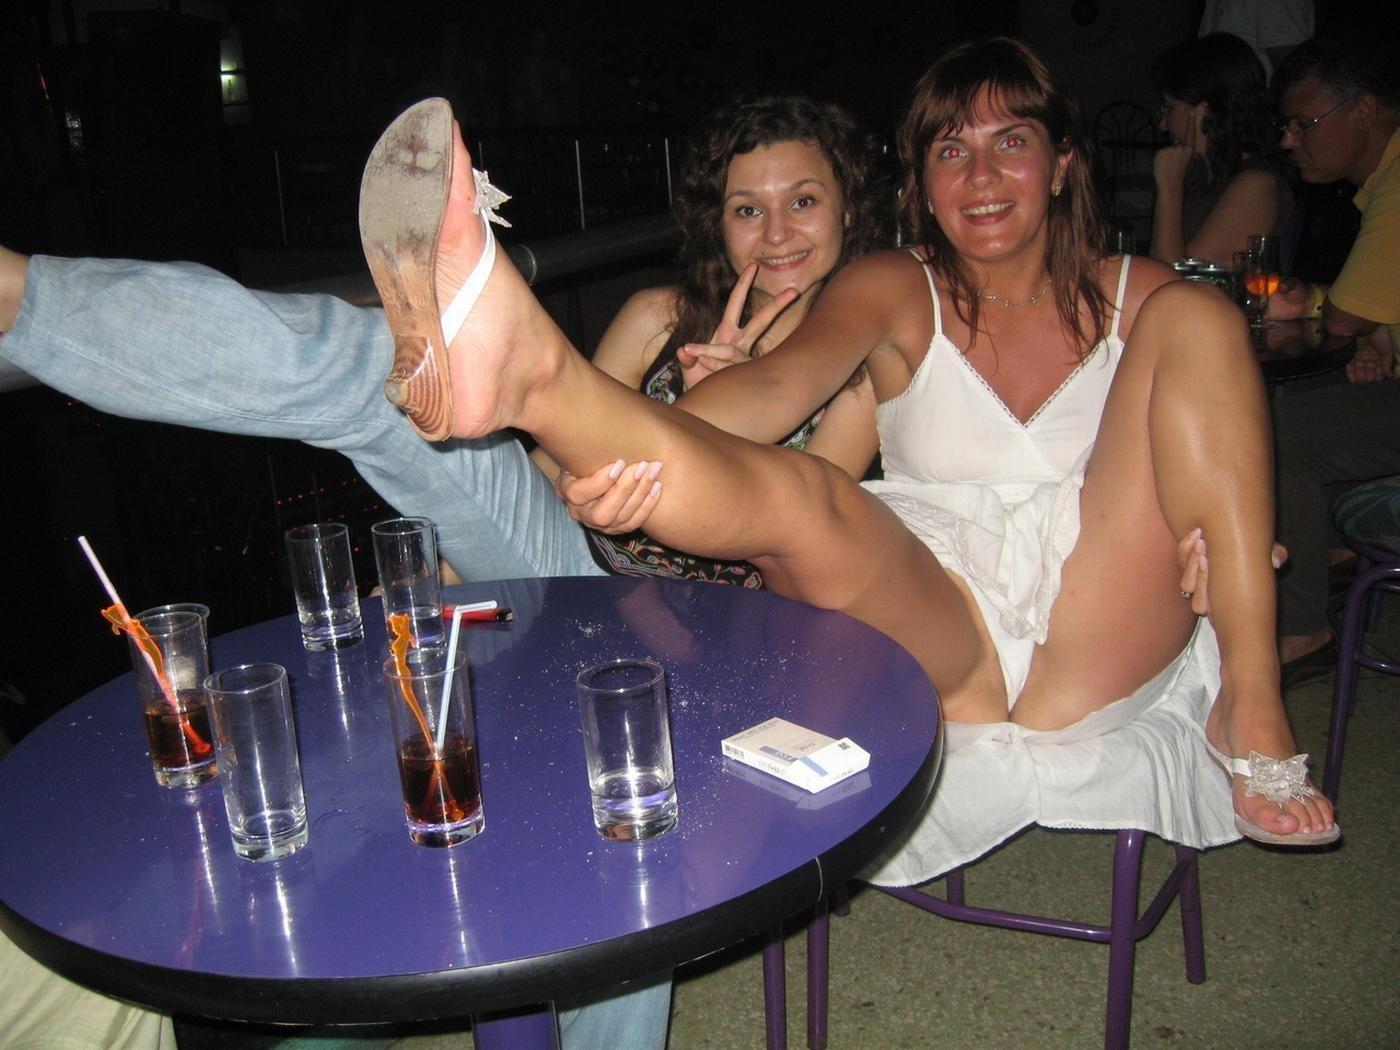 Засветы пьяных девушек эротика